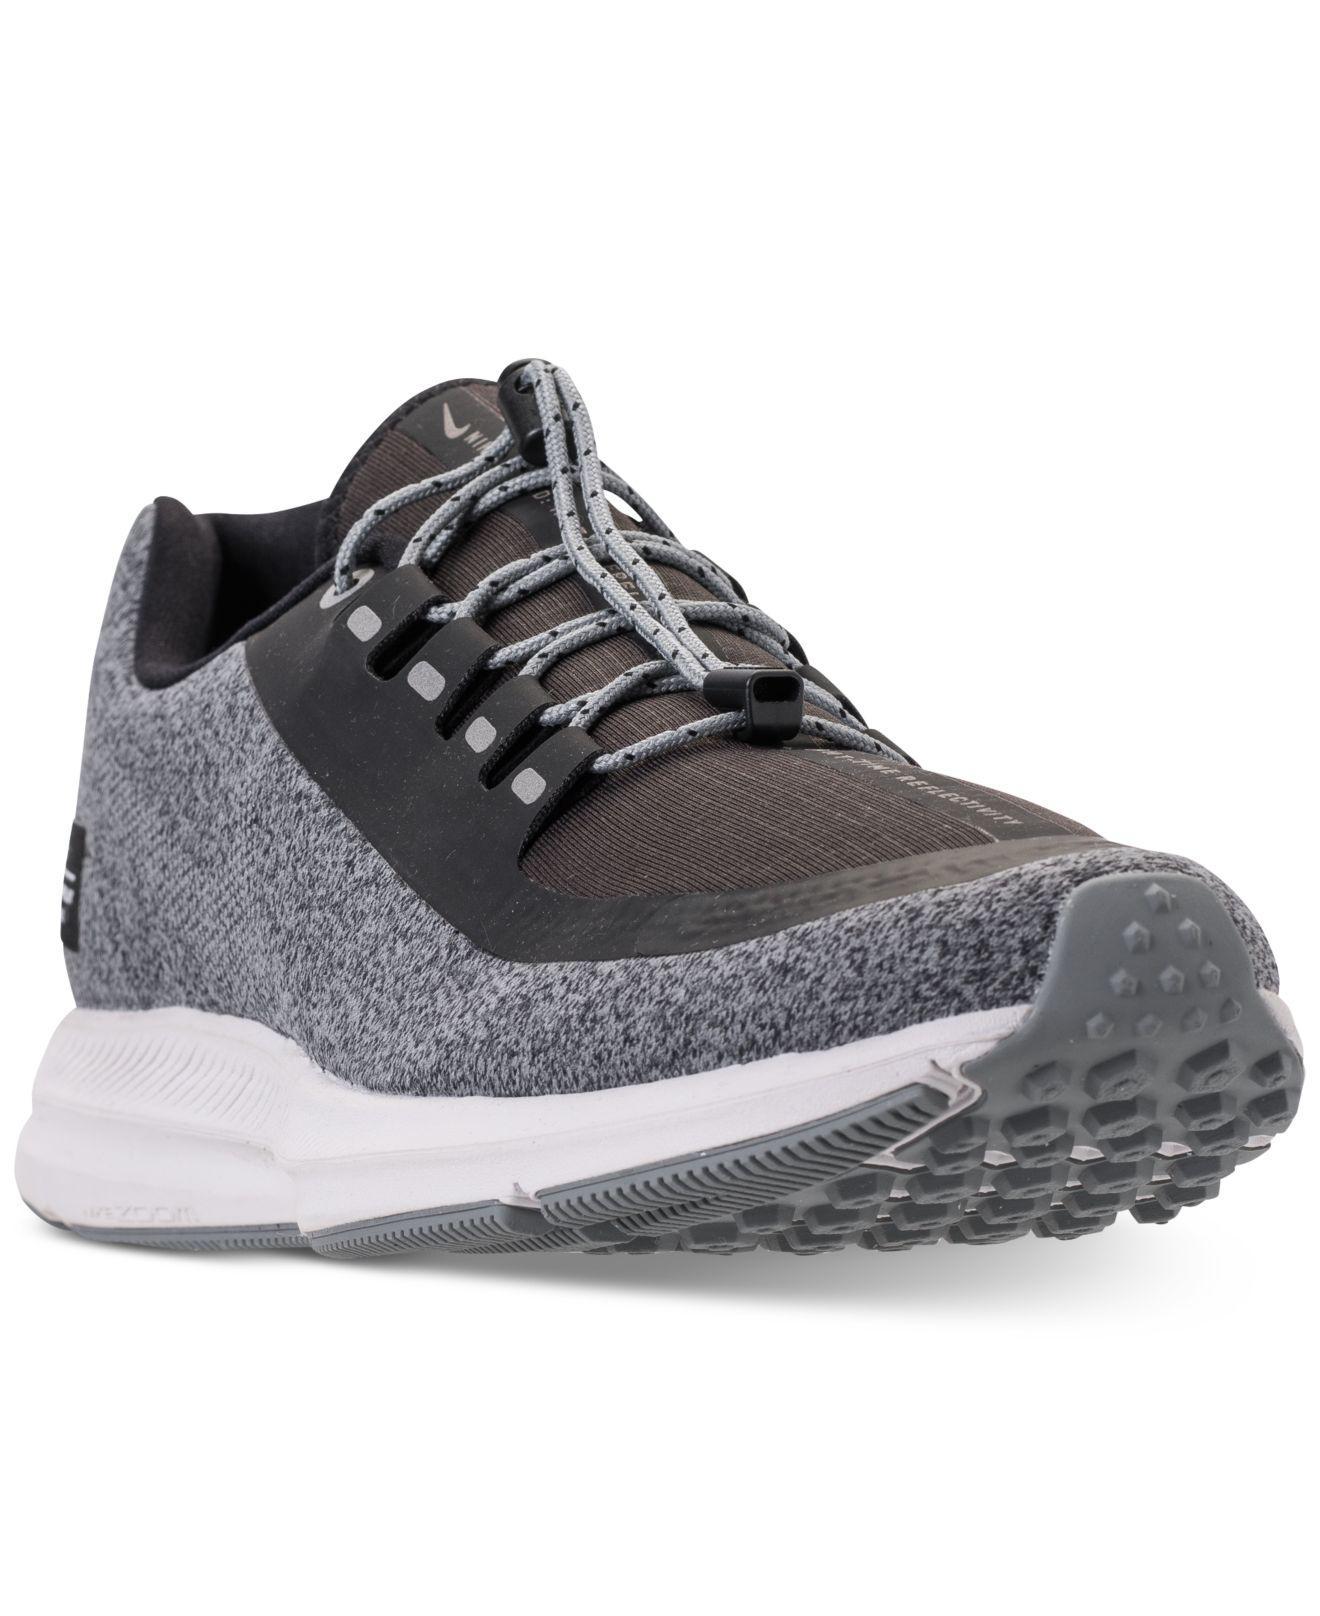 Nunca a nombre de Elegante  Nike Synthetic Zoom Winflo 5 Shield Athletic Shoe in Grey (Black) - Lyst